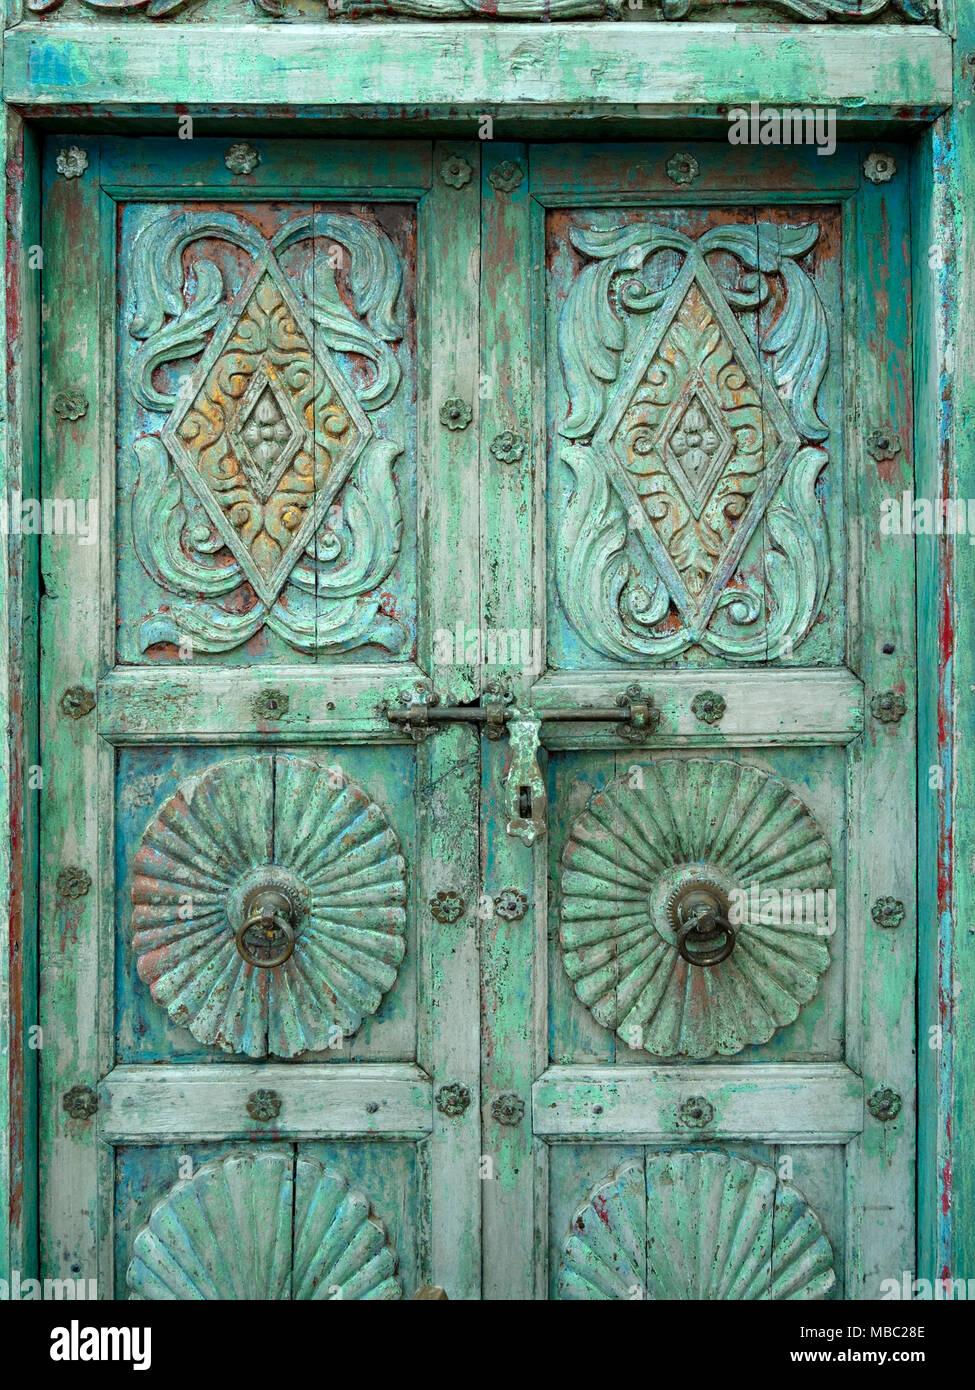 Vecchio addolorato ornati in legno di antiquariato doppie porte in giardino classici del cantiere di bonifica, Ashwell, Rutland, REGNO UNITO Immagini Stock